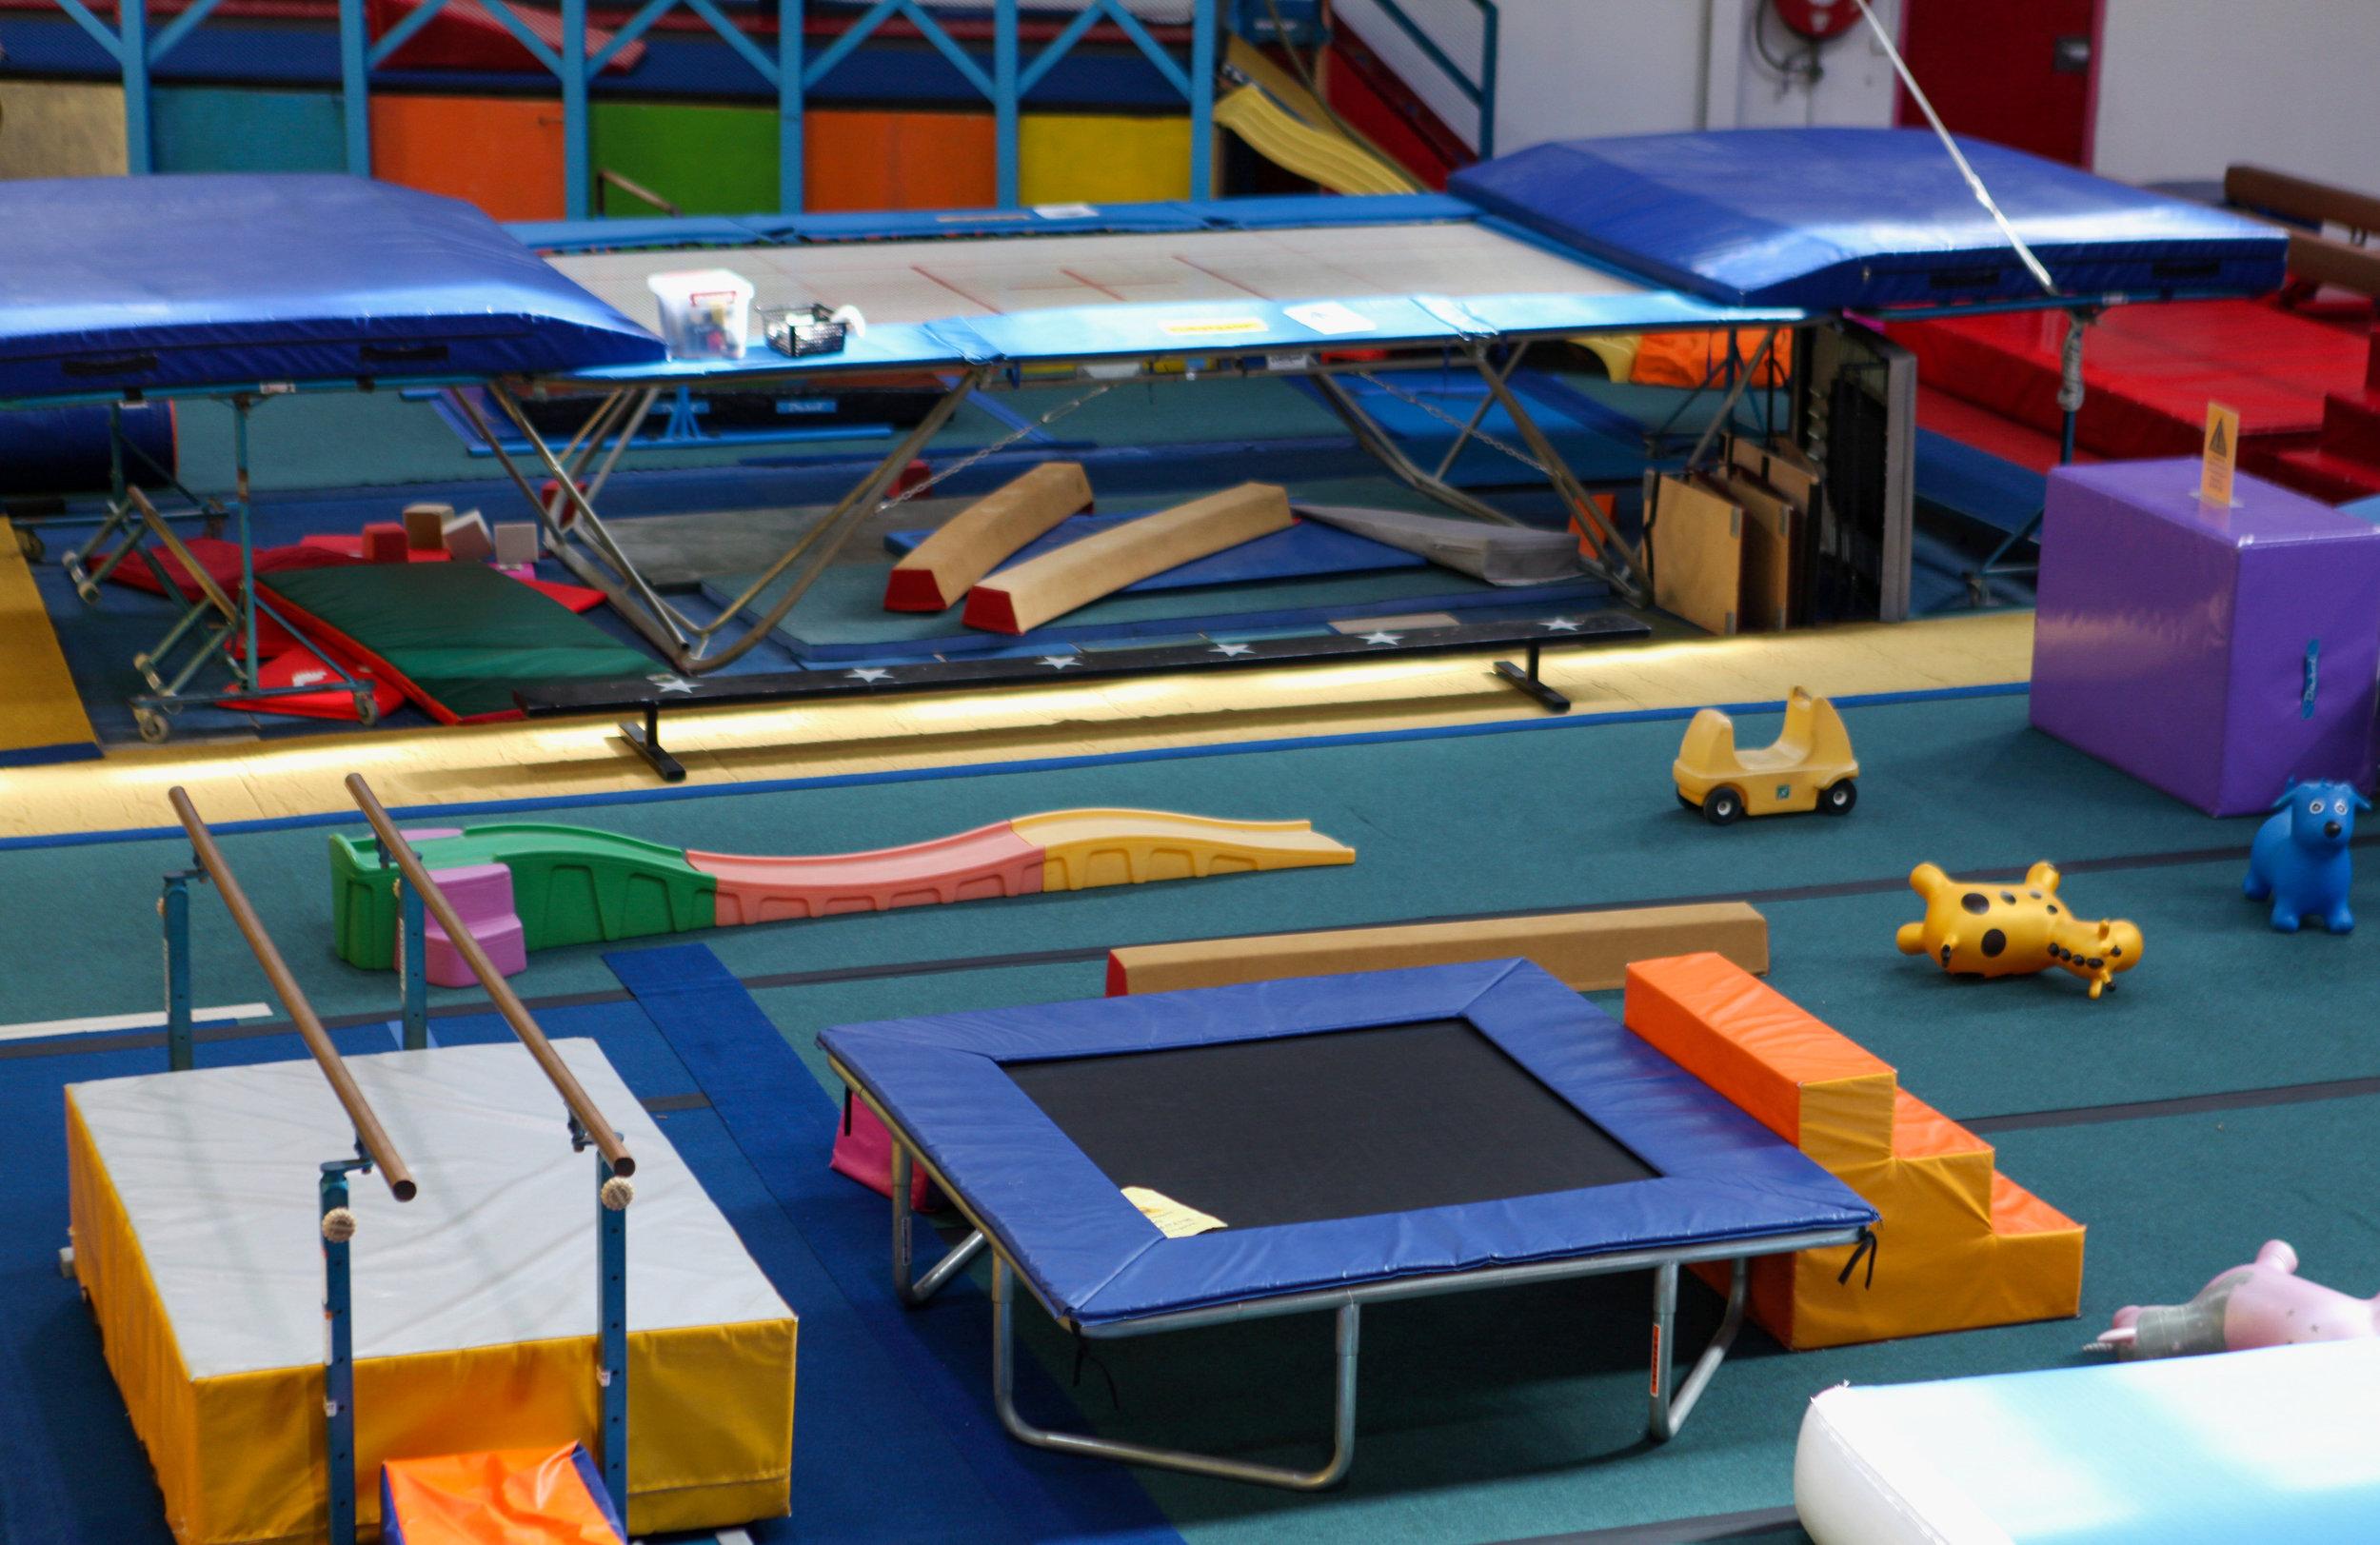 playnastics essendon keilor mknIMG_0761.jpg